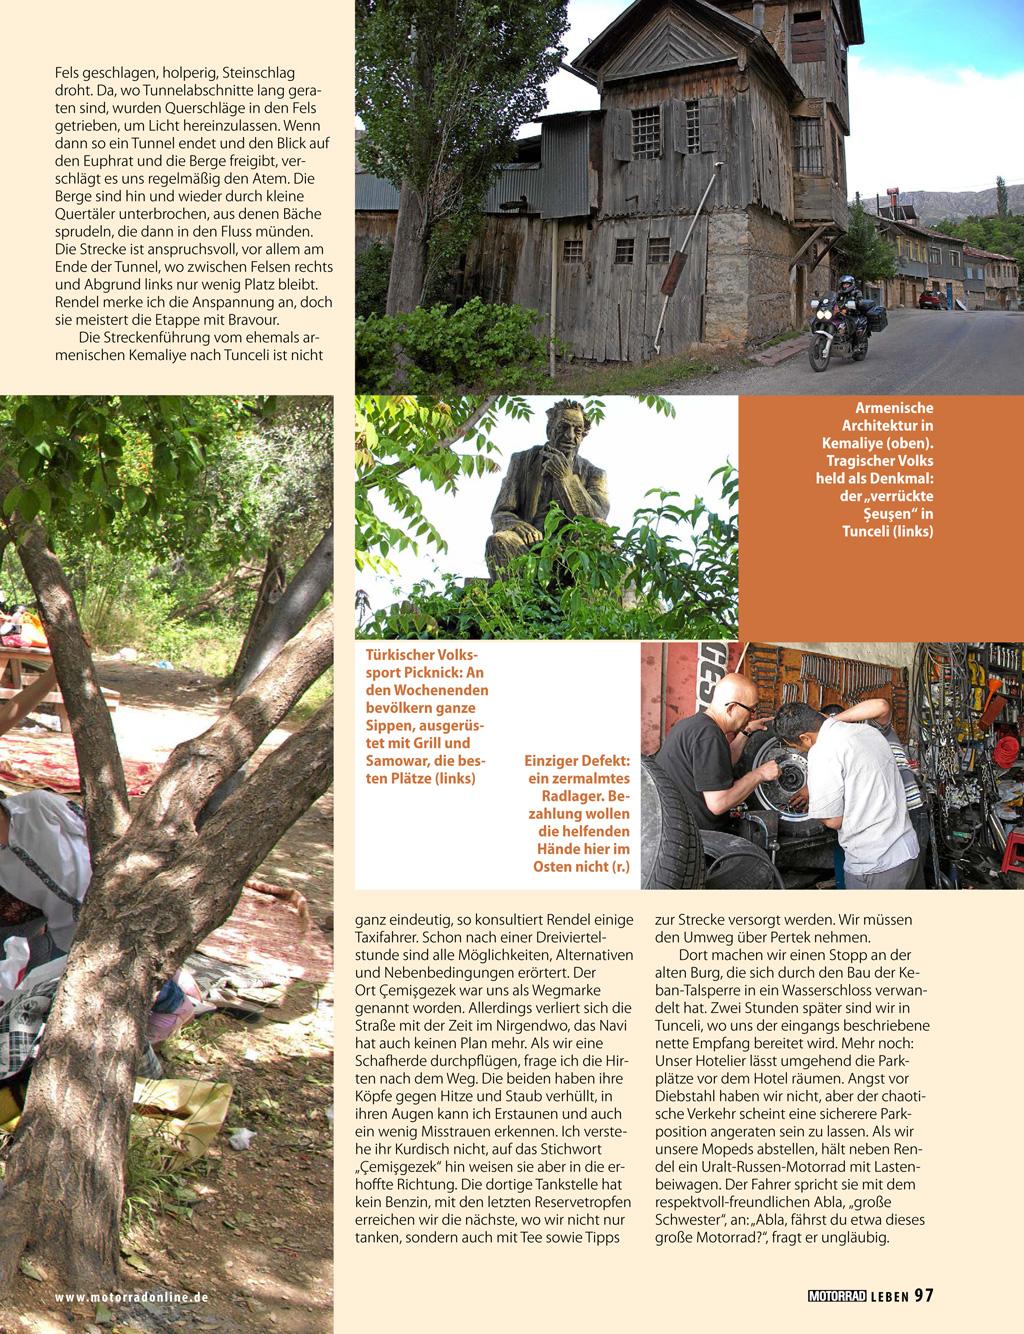 Durchs-Wilde-Kurdistan_2013_04.jpg